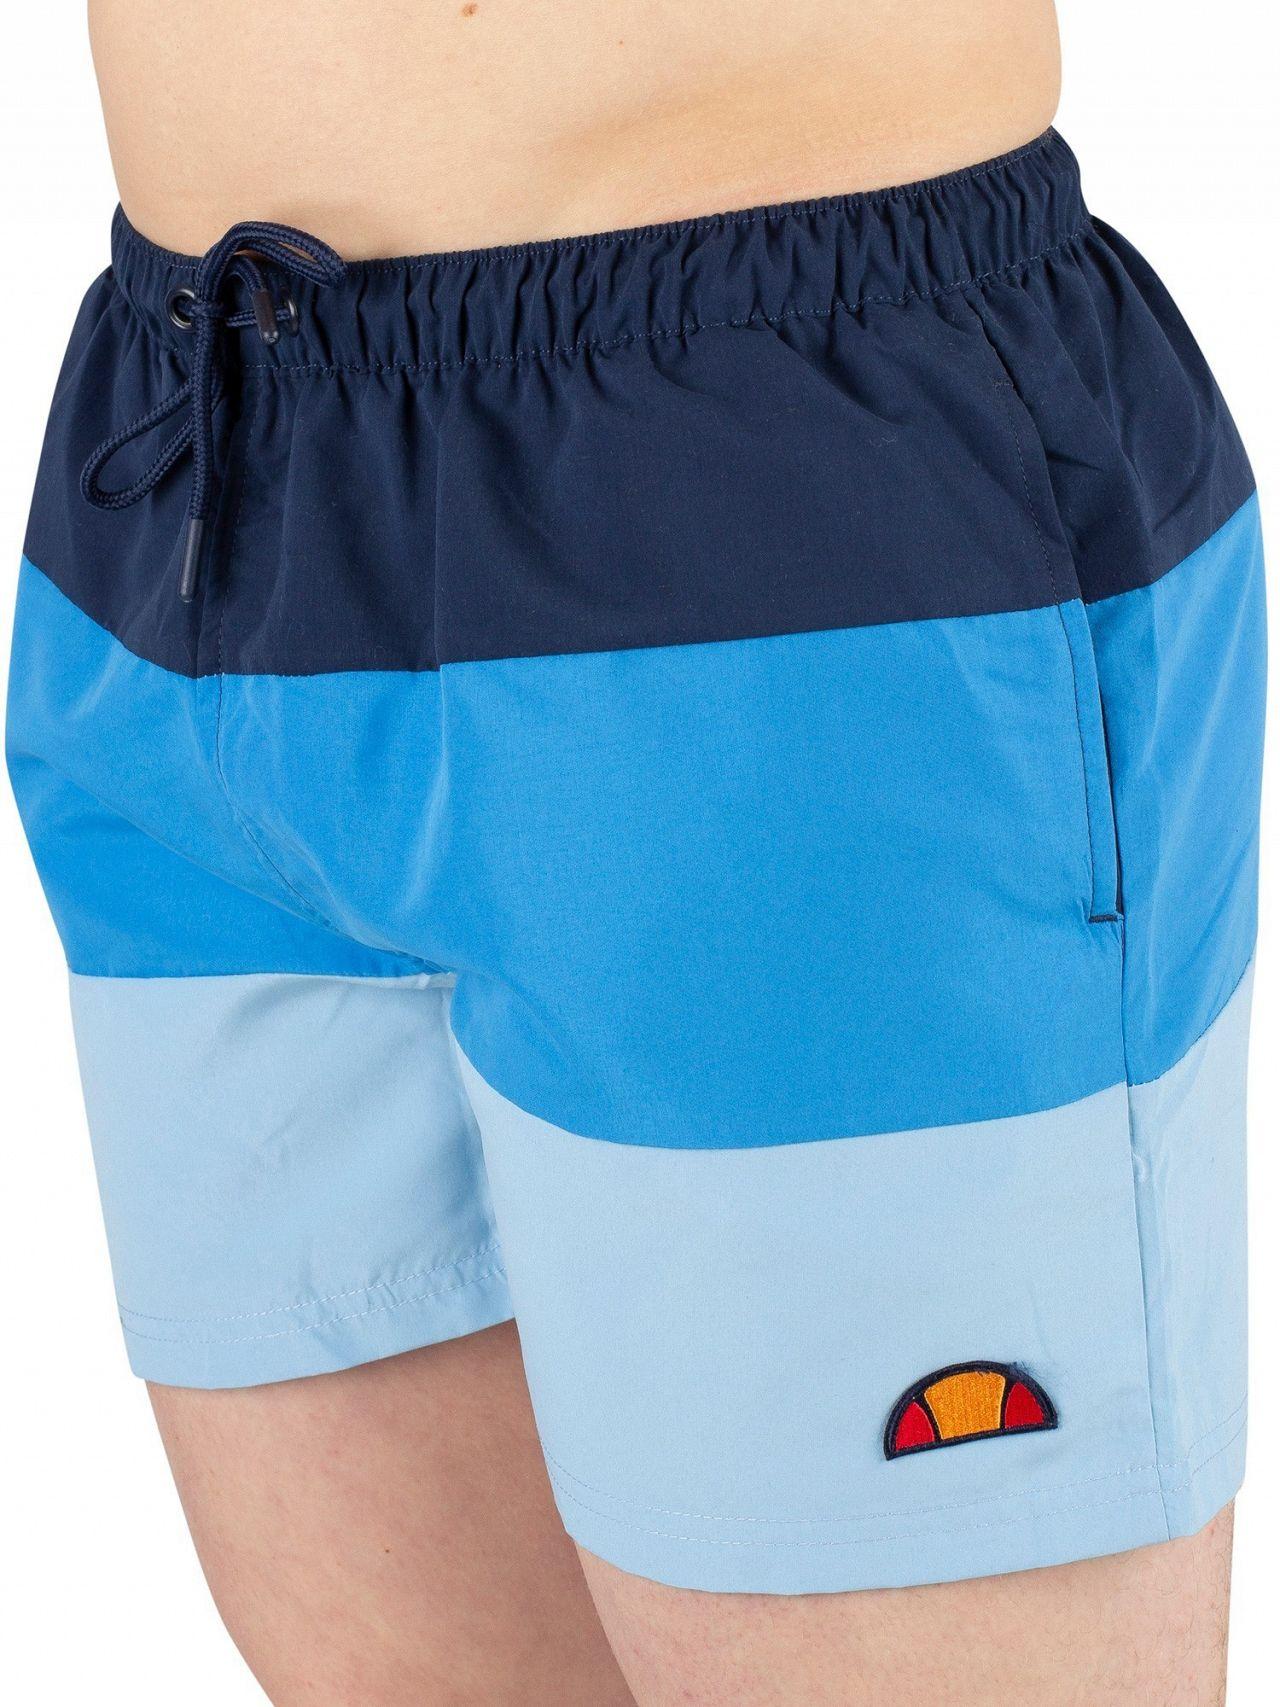 ff8e48b7d5 Ellesse Light Blue Cielo Swim Shorts | Standout